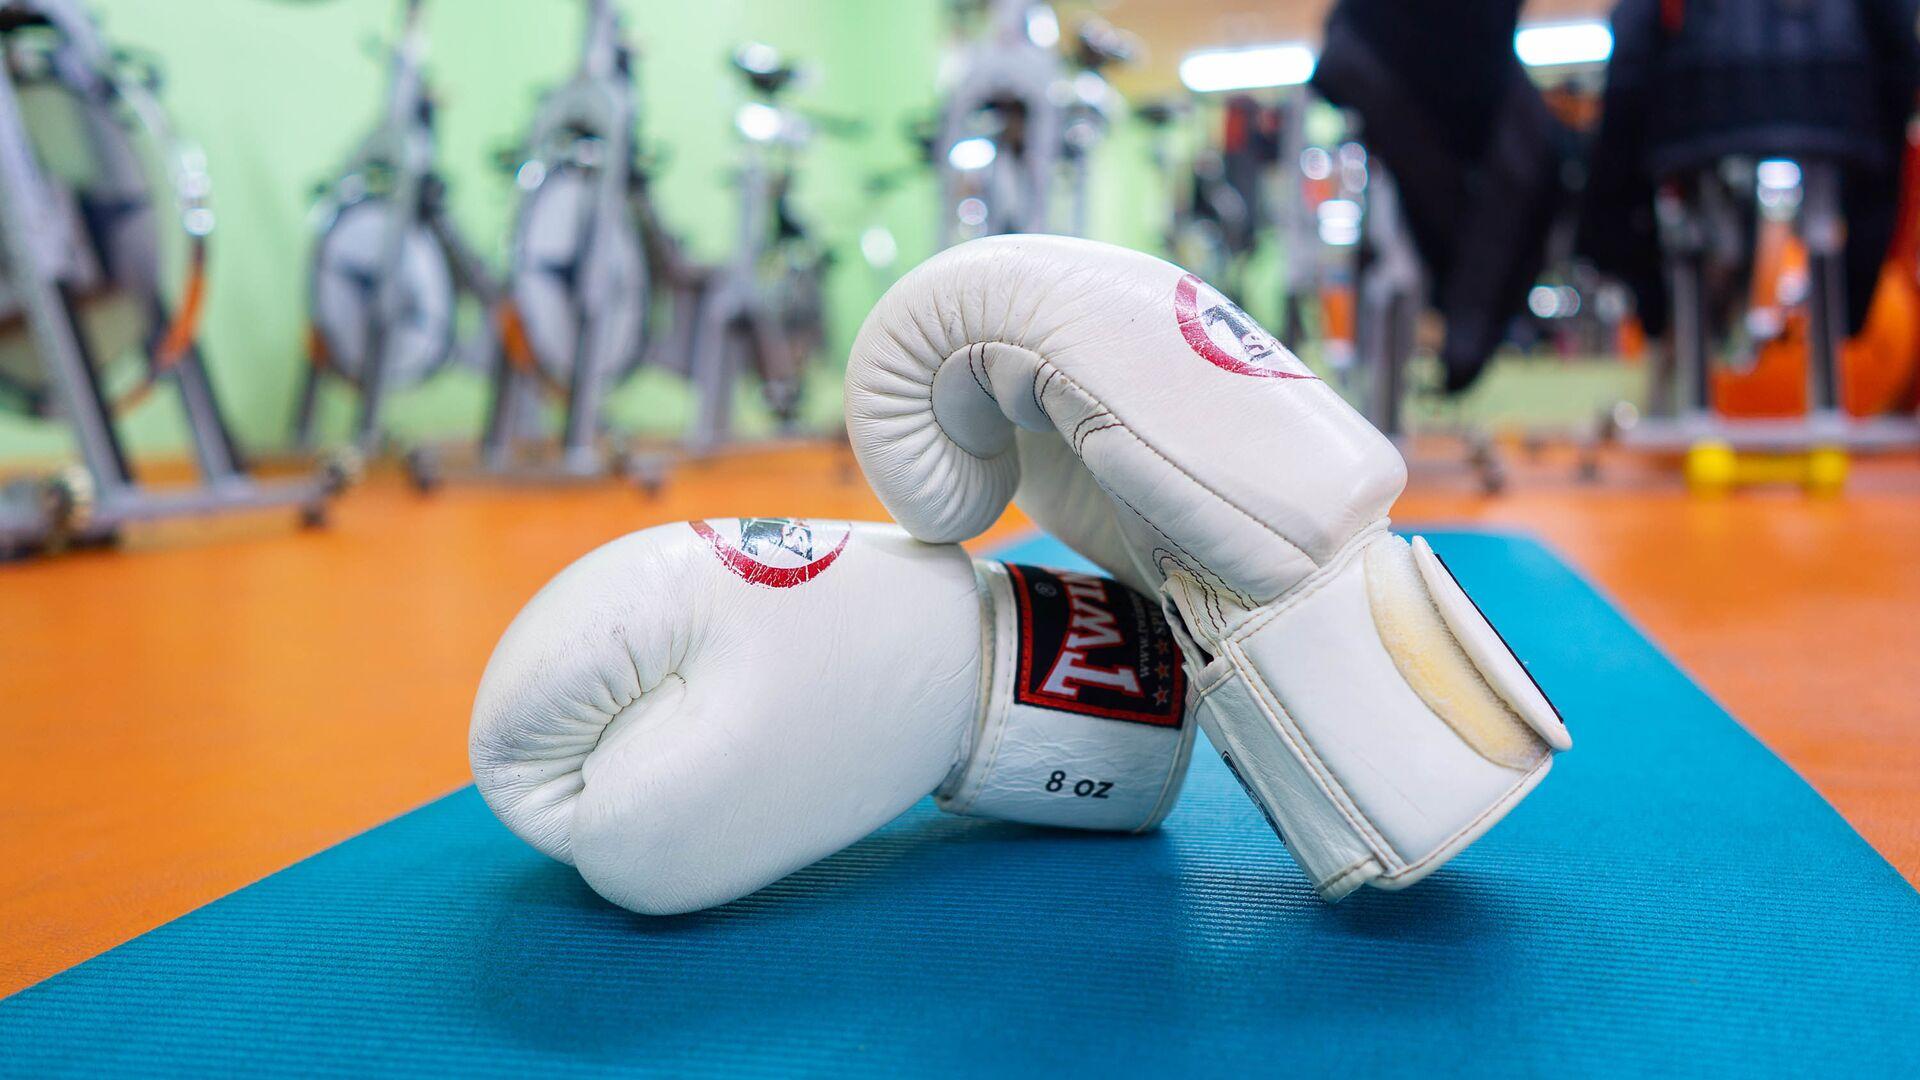 Боксерские перчатки, архивное фото - Sputnik Тоҷикистон, 1920, 19.04.2021